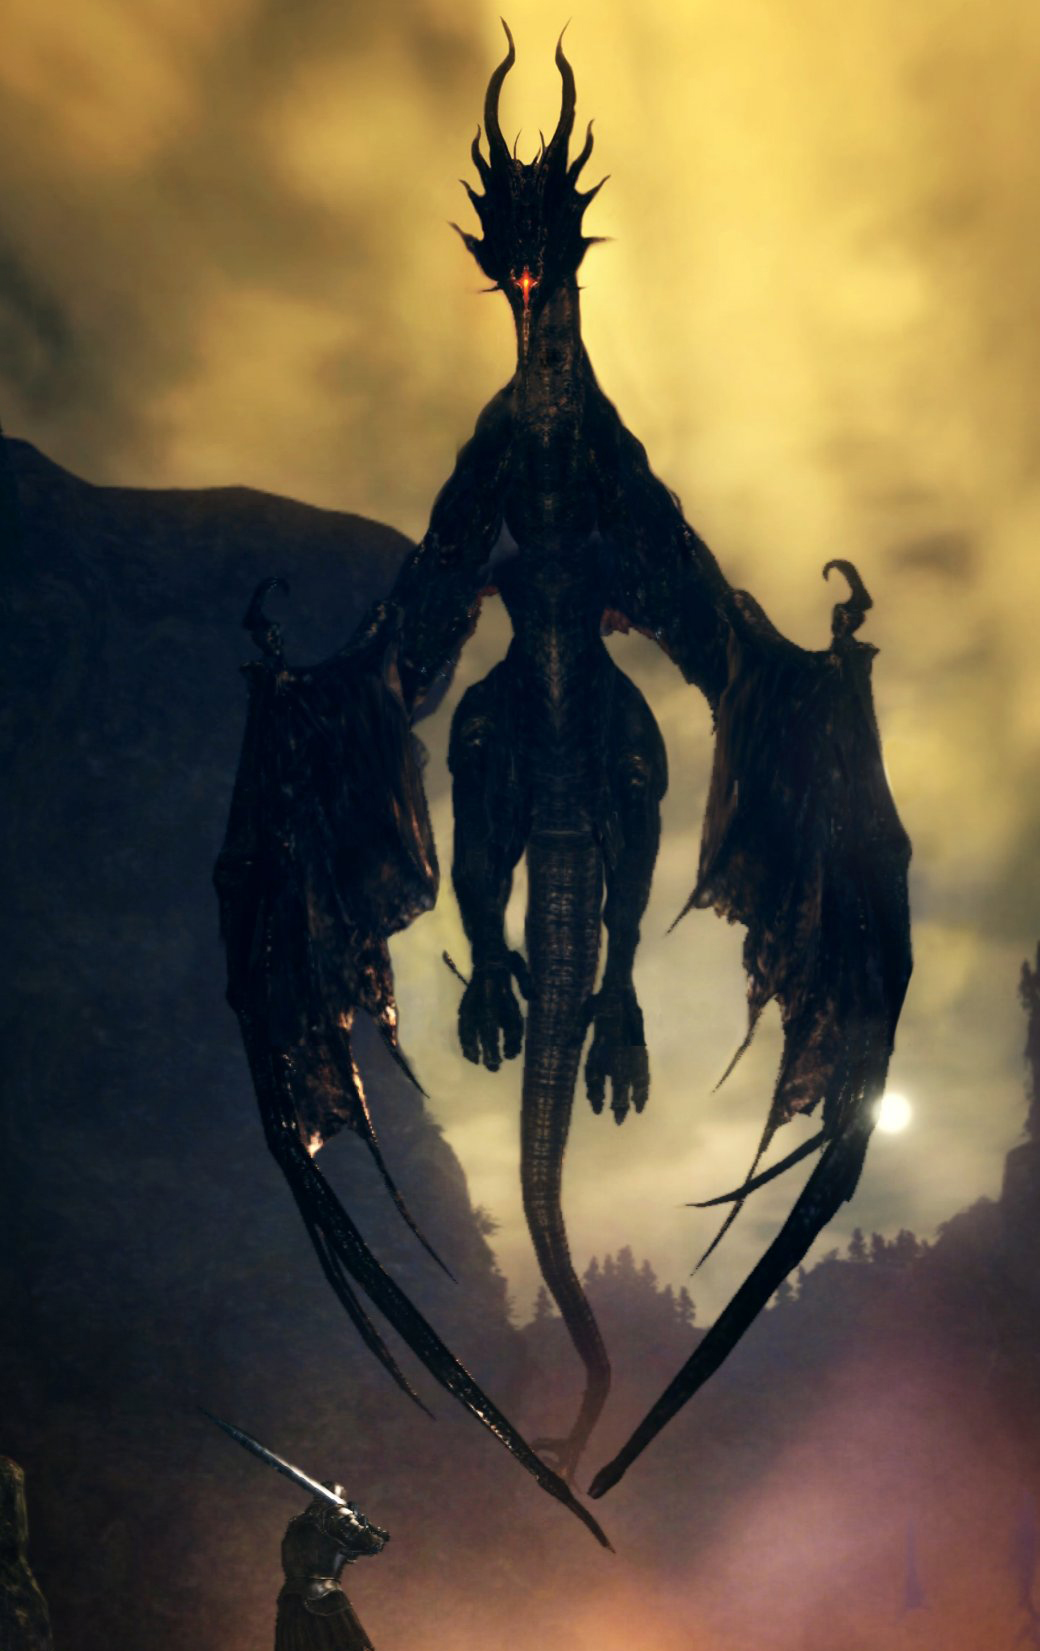 Рецензия на Dark Souls: Remastered. Обзор игры - Изображение 11